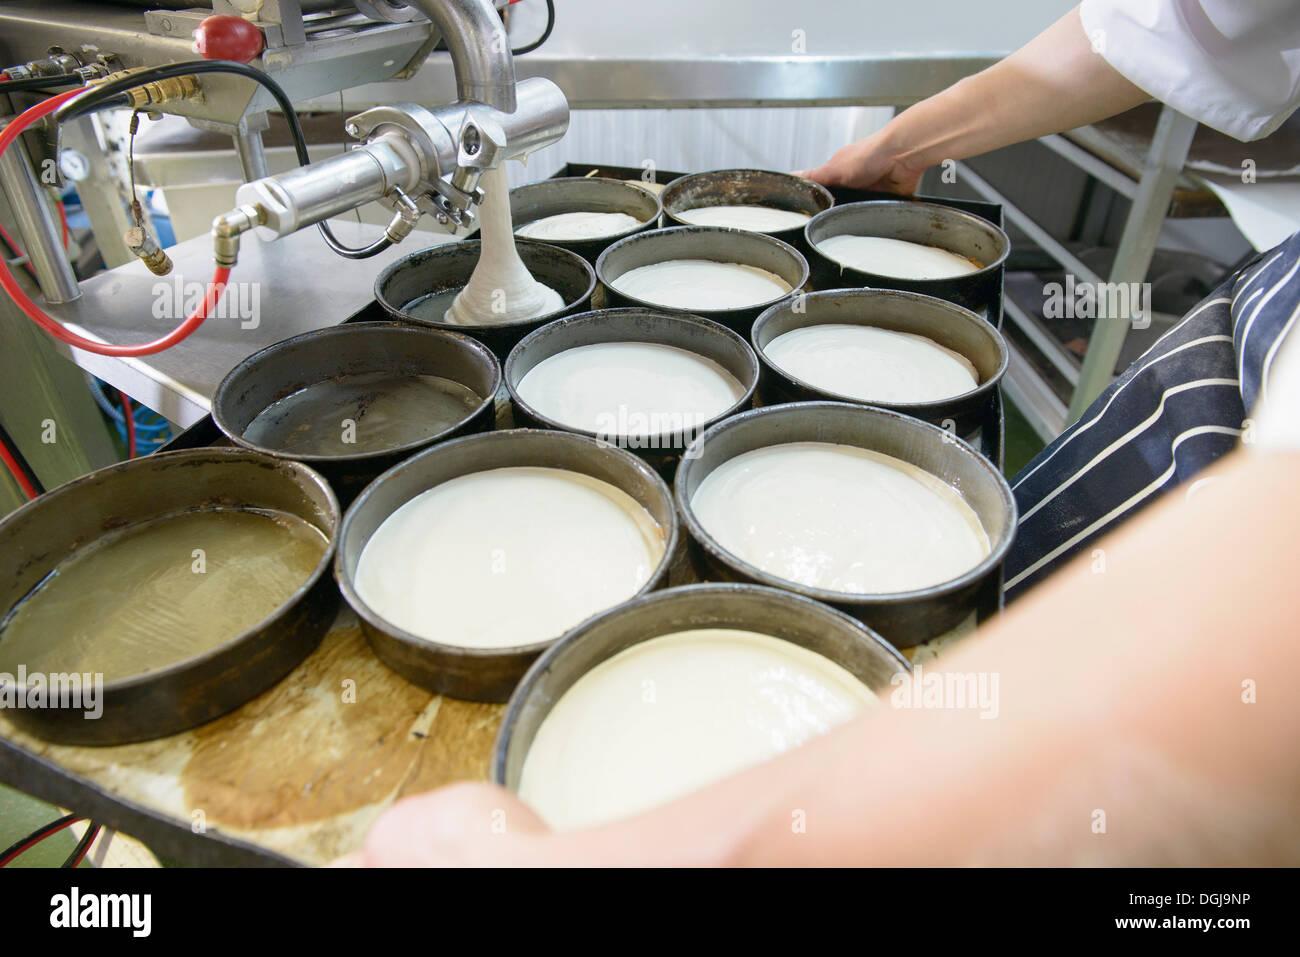 Baker, die Messung der Teig in Gerichten, Nahaufnahme Stockbild